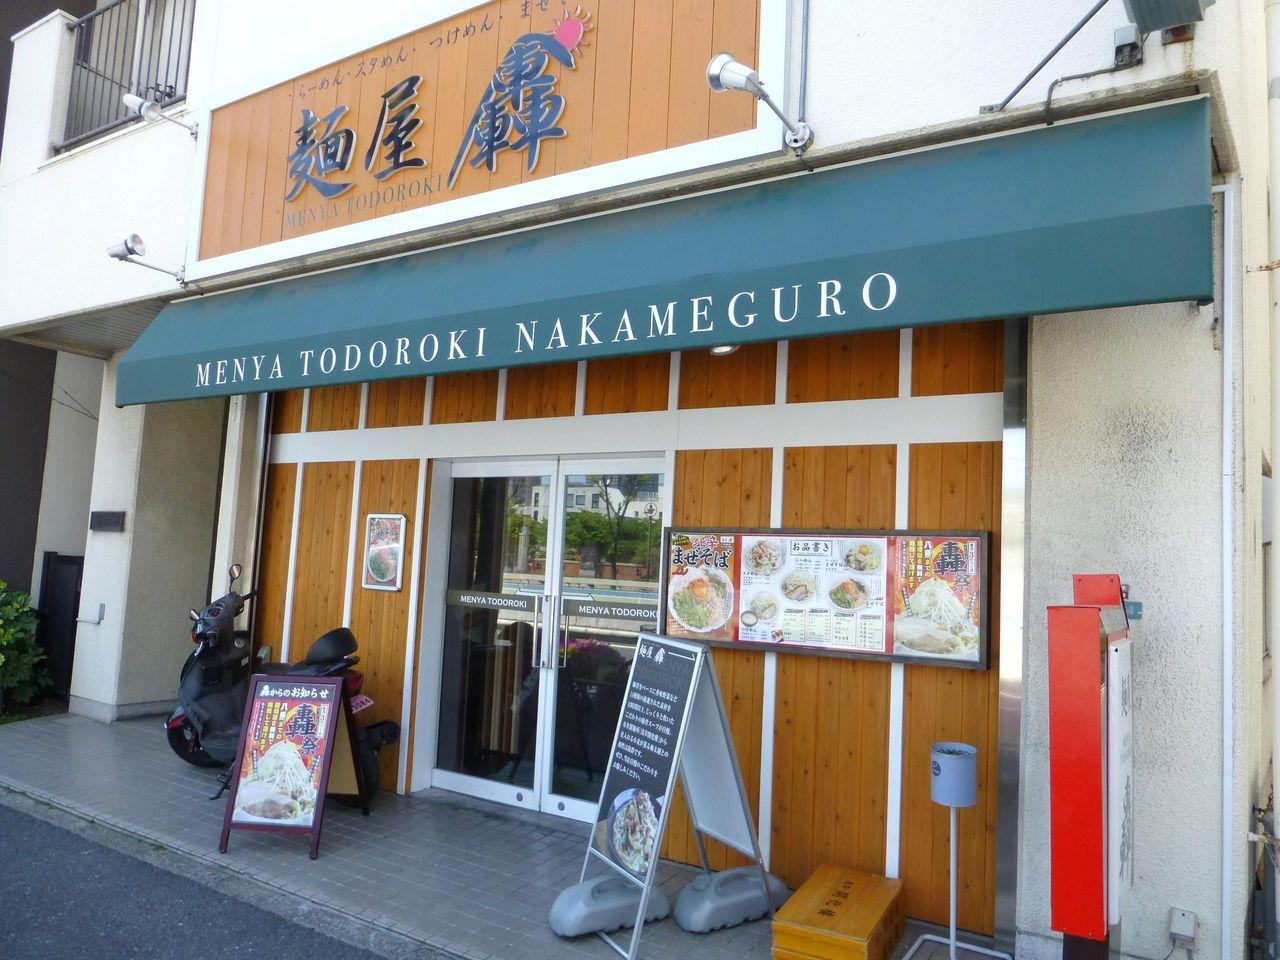 残念ながら平成25年5月31日で閉店しました!